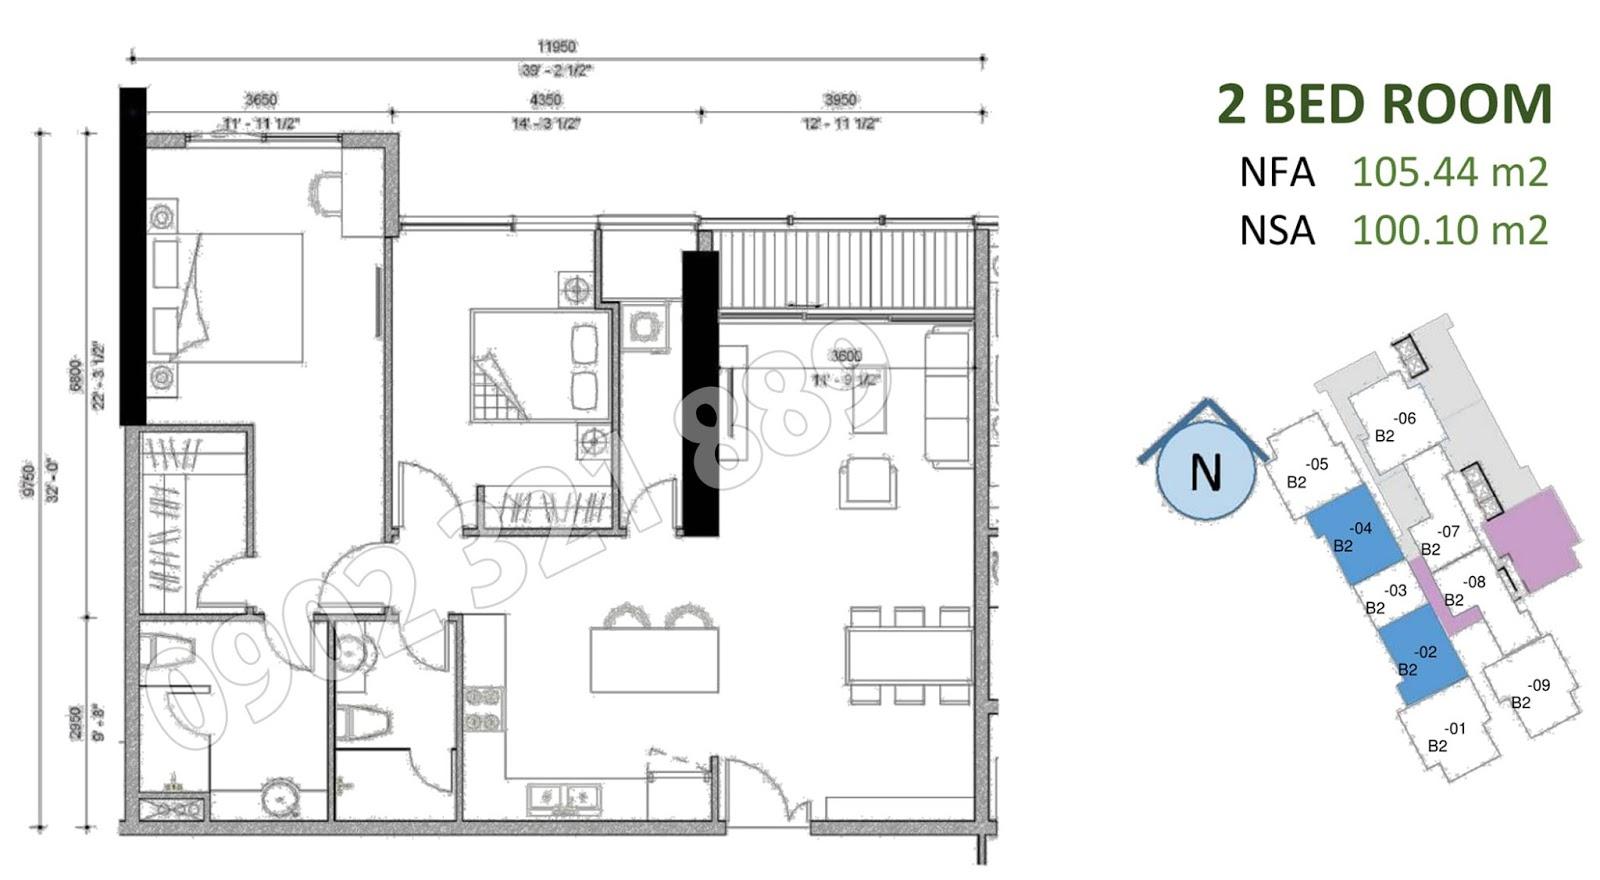 mặt bằng căn hộ sunwah pearl 2 phòng ngủ B2-02 và B2-04